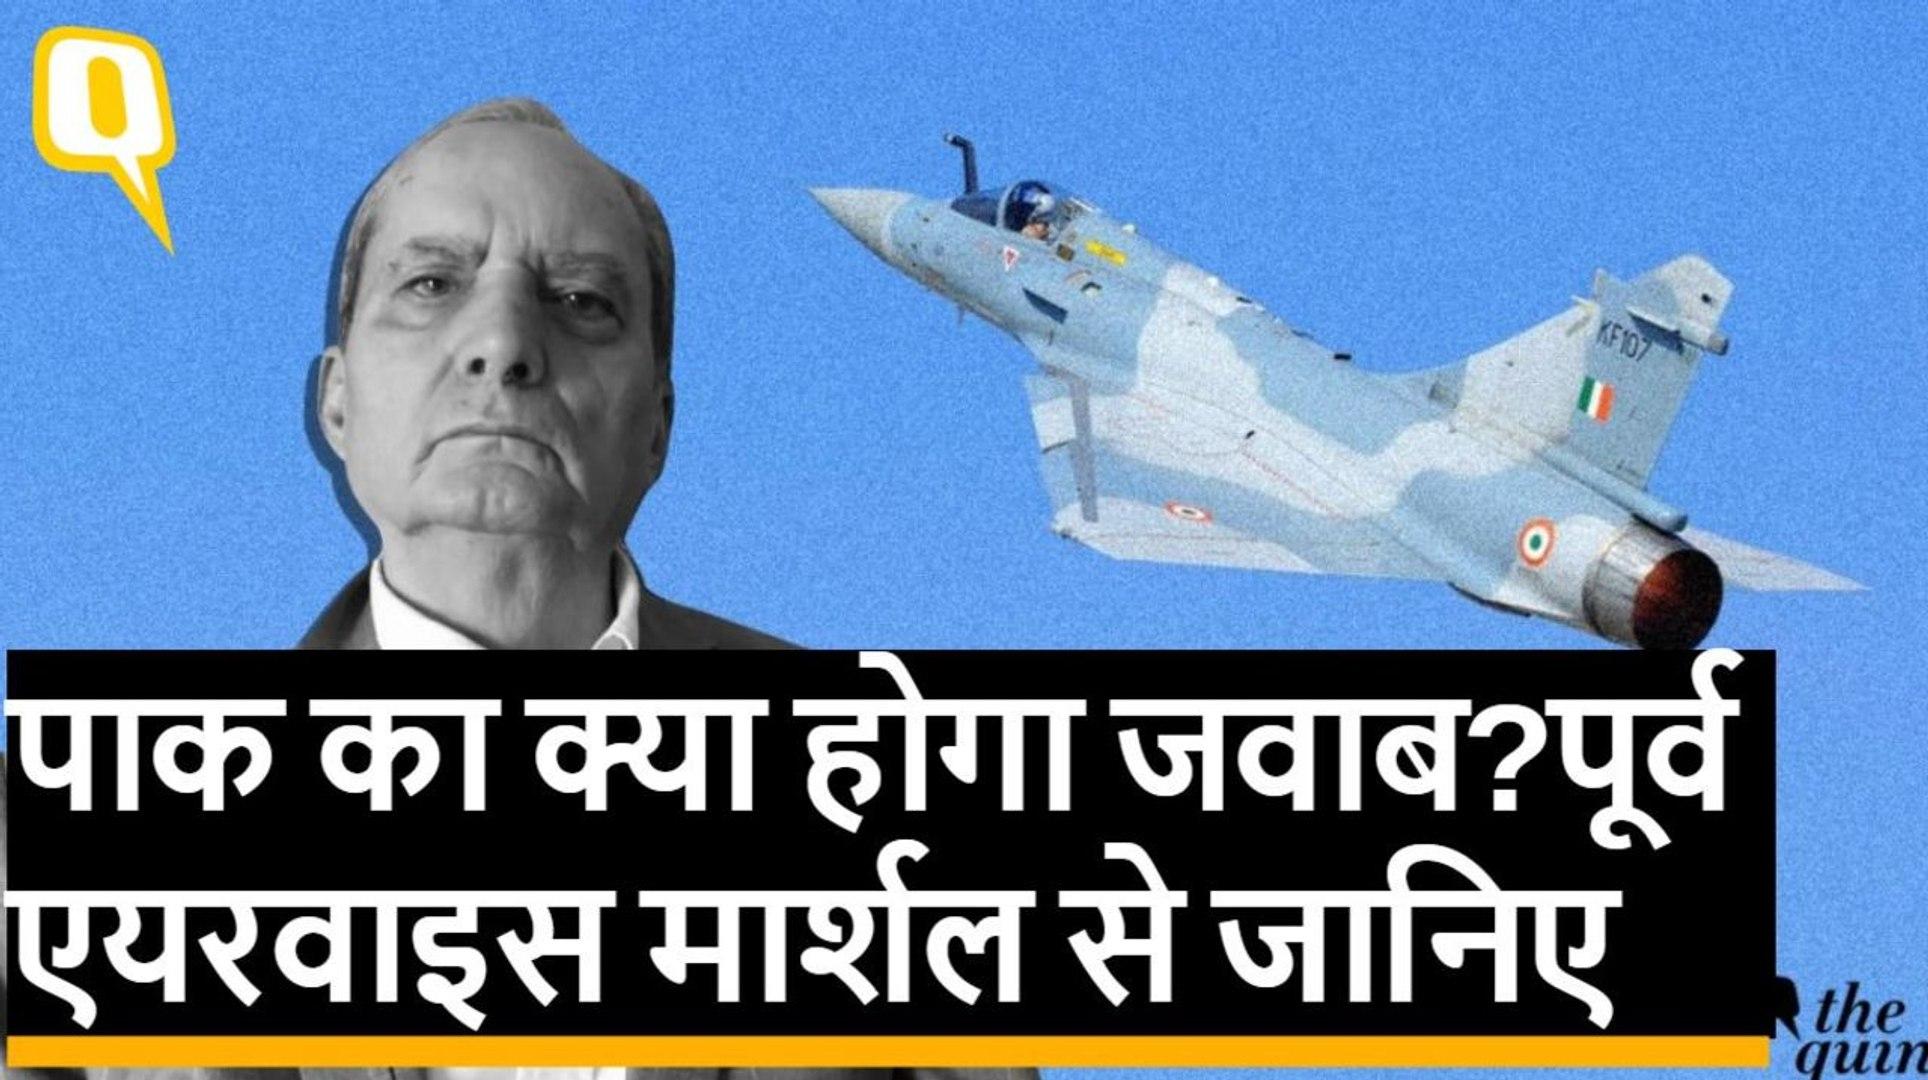 Air Strike पर क्या Pakistan करेगा जवाबी कार्रवाई? पूर्व एयरफोर्स अधिकारी क्या कहते हैं। Quint Hindi